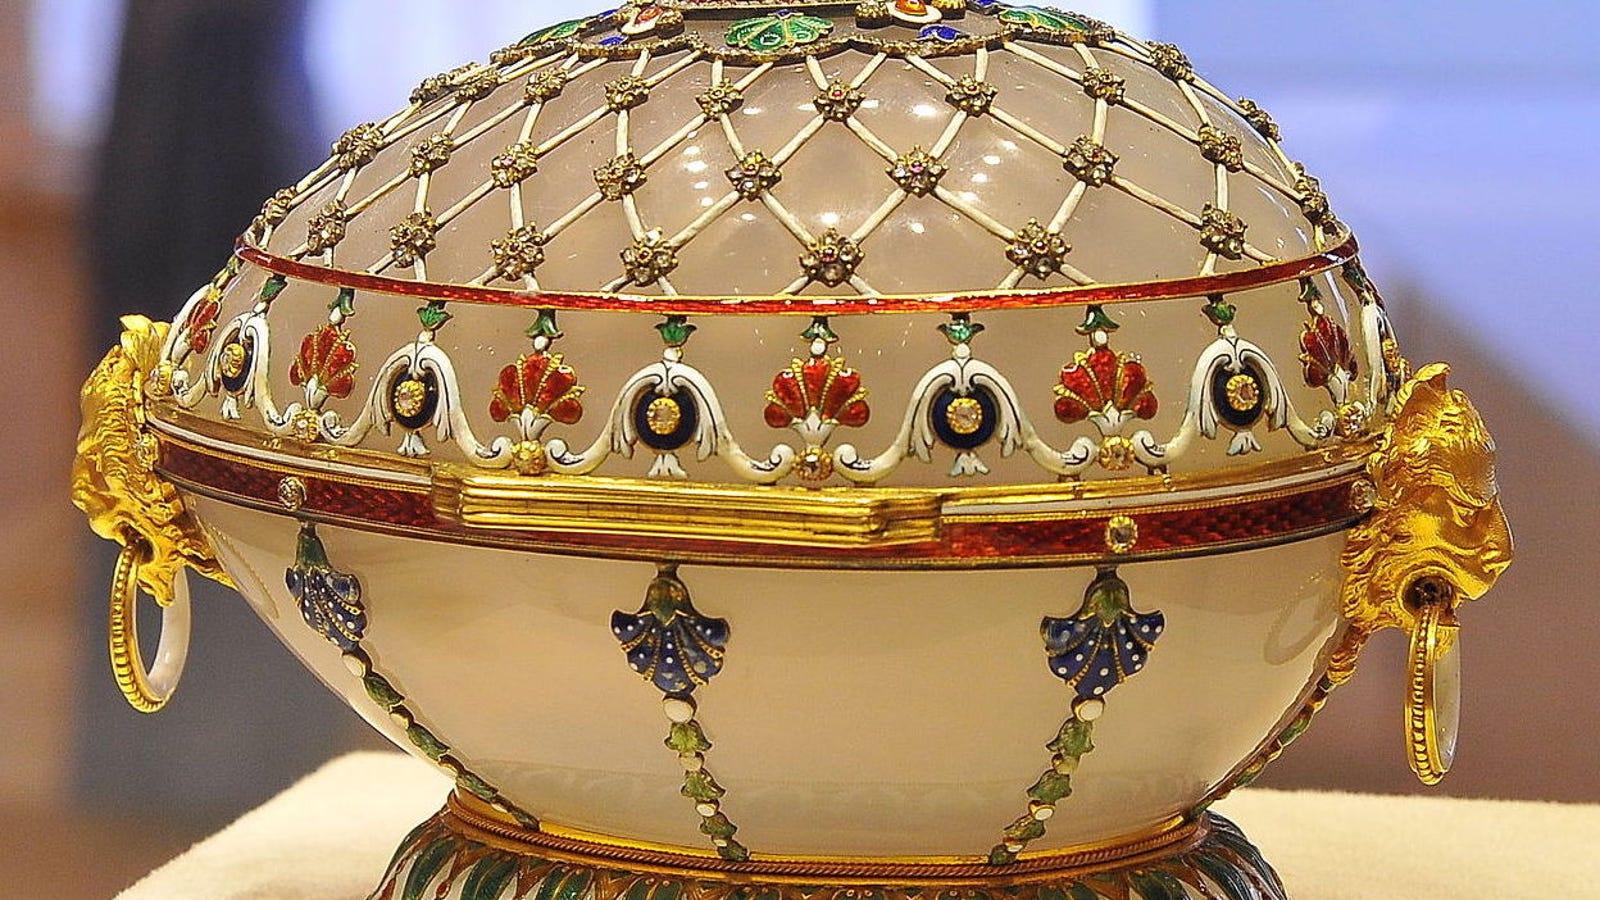 404faeed63a6 Hay siete joyas de valor incalculable desaparecidas por el mundo  esto es  lo que sabemos de ellas